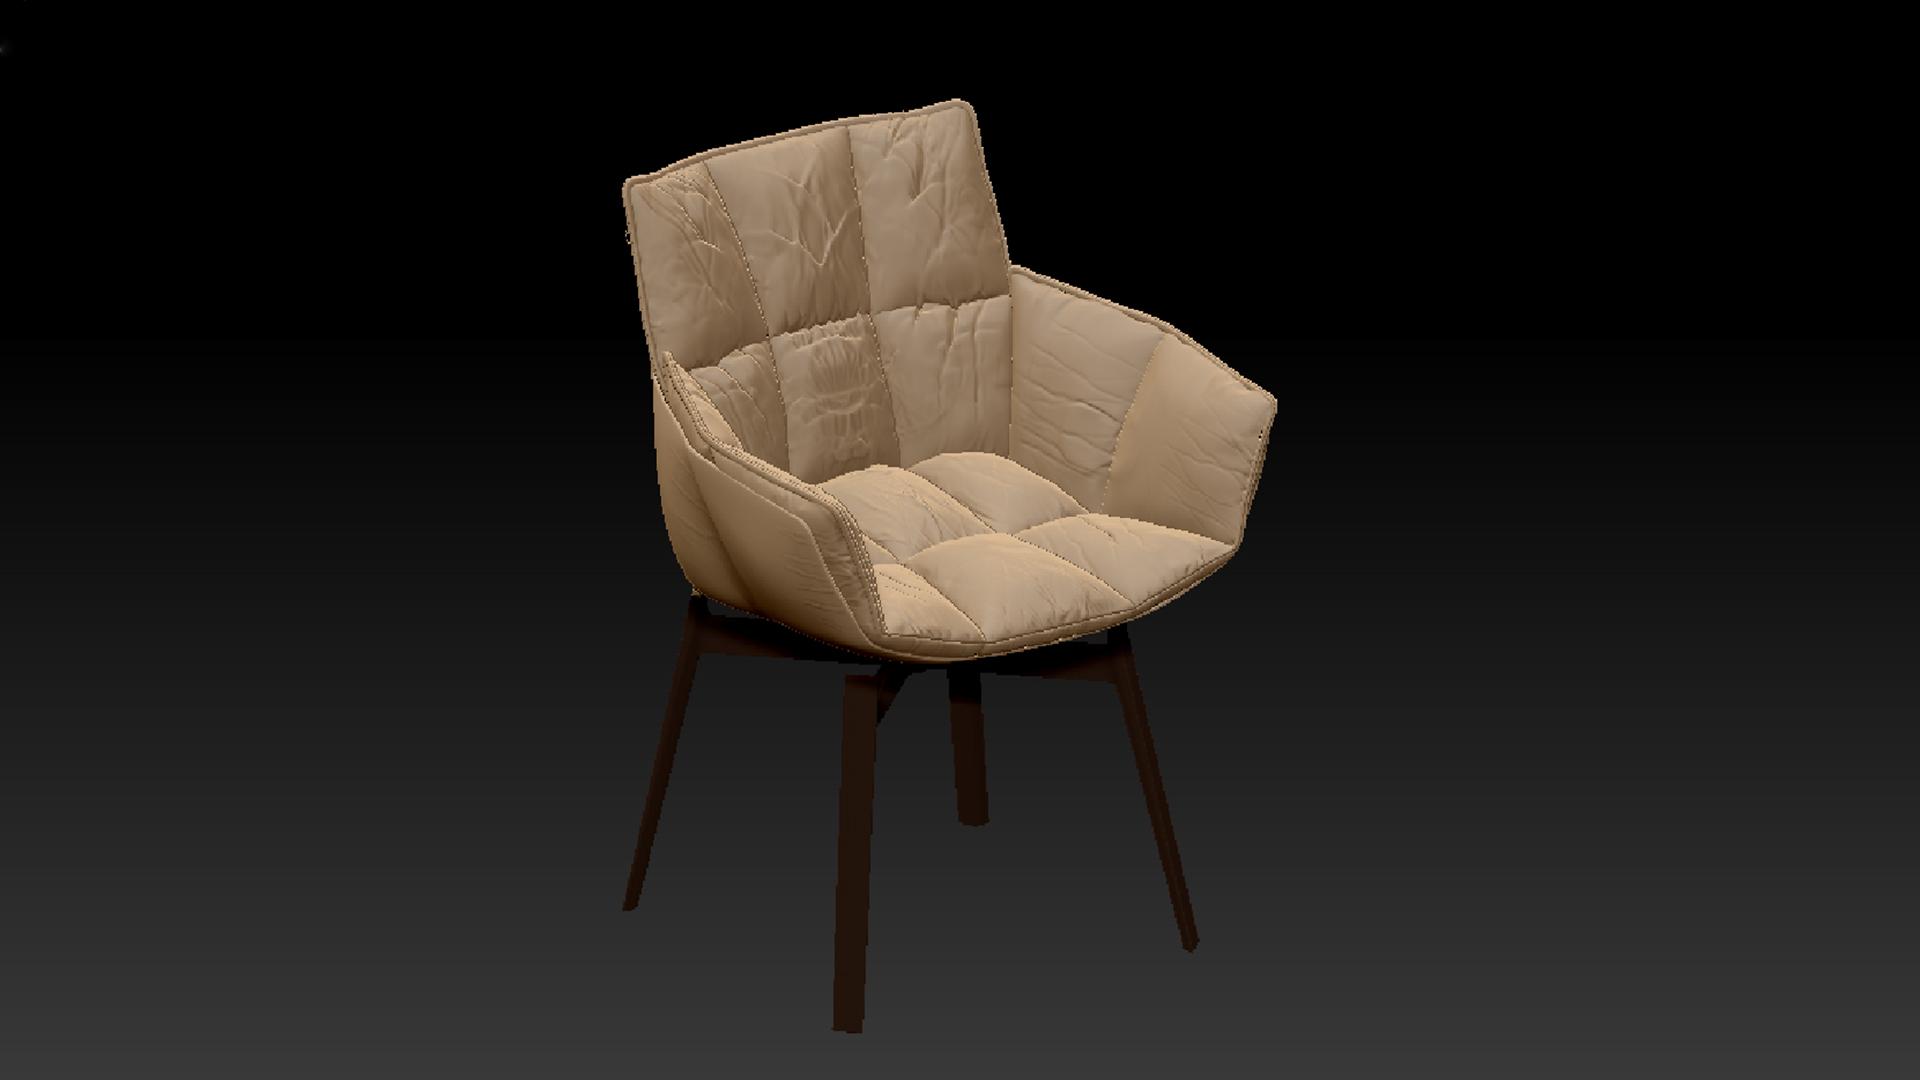 3ds Max y ZBrush práctico: Modelado de muebles